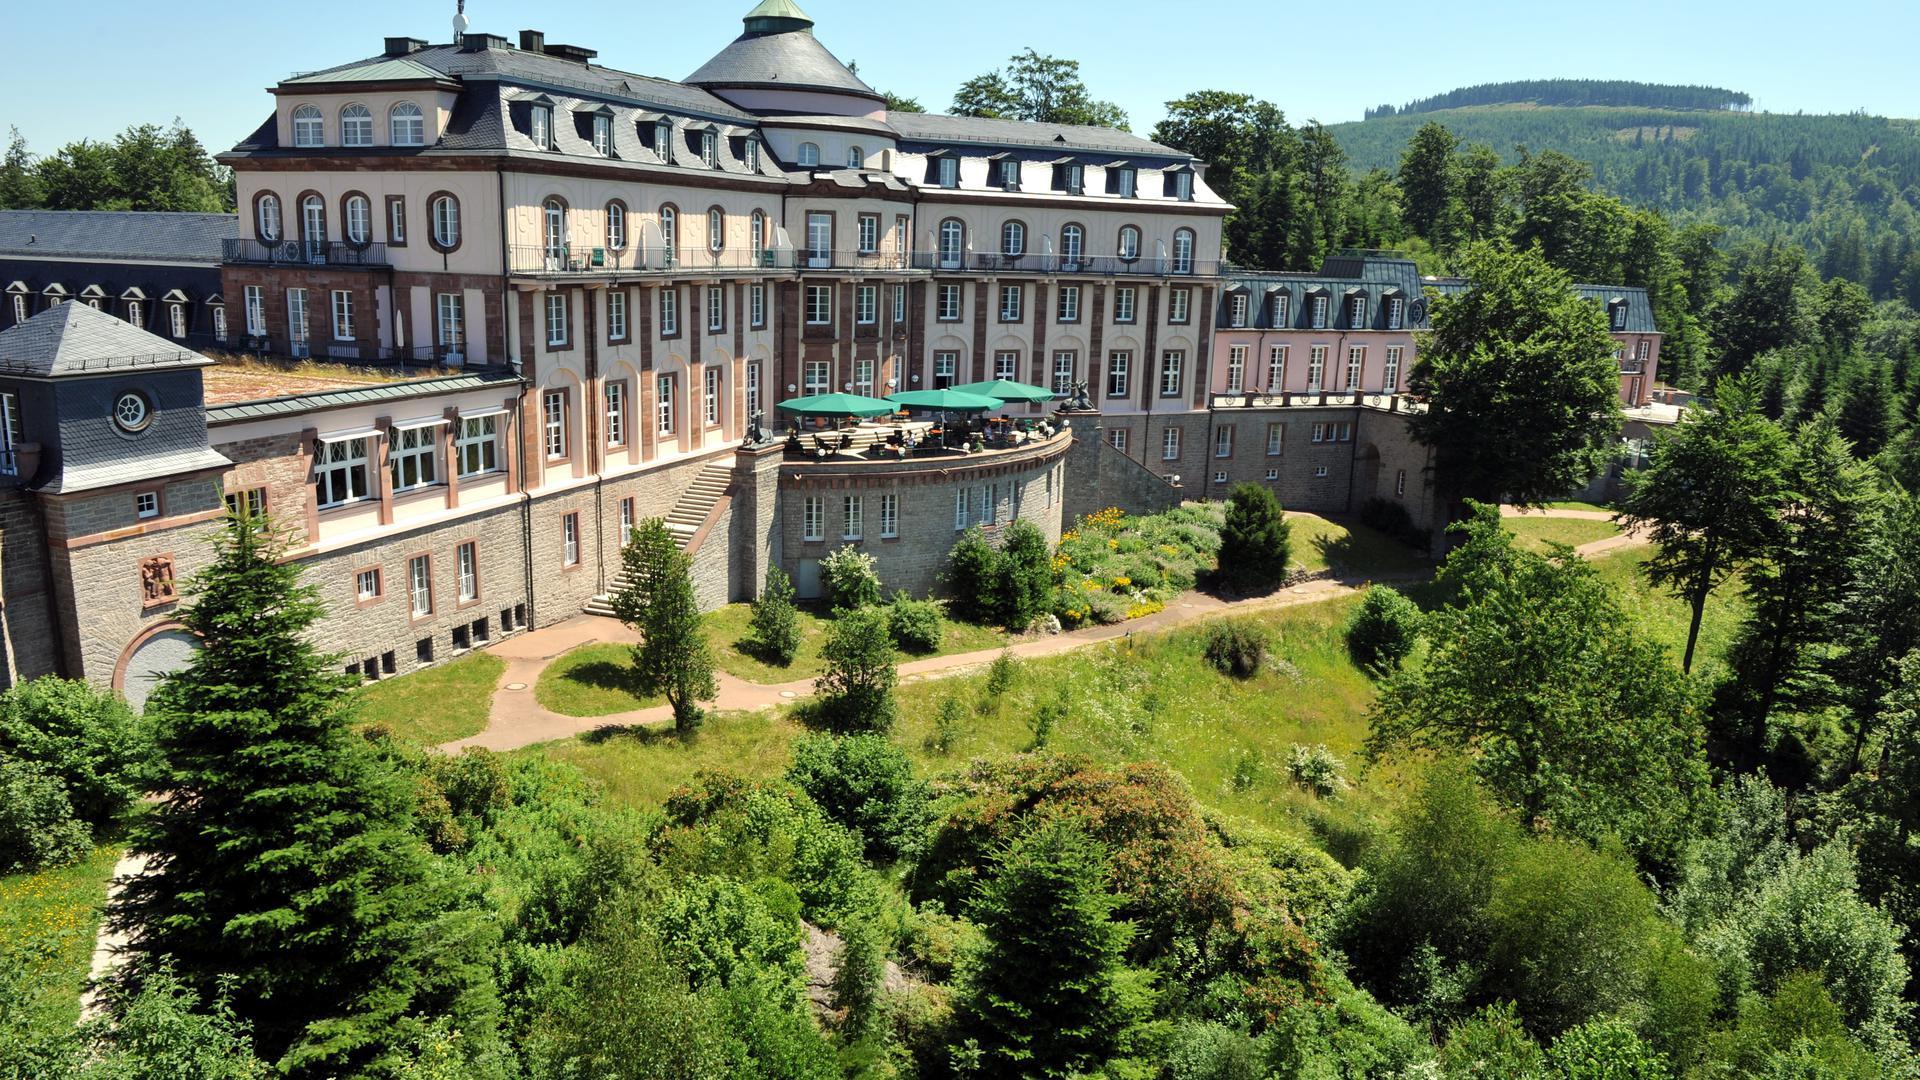 Ansicht des Schlosshotels Bühlerhöhe. Die Wiedereröffnung des Luxushotels Bühlerhöhe im Schwarzwald zieht sich weiter hin.